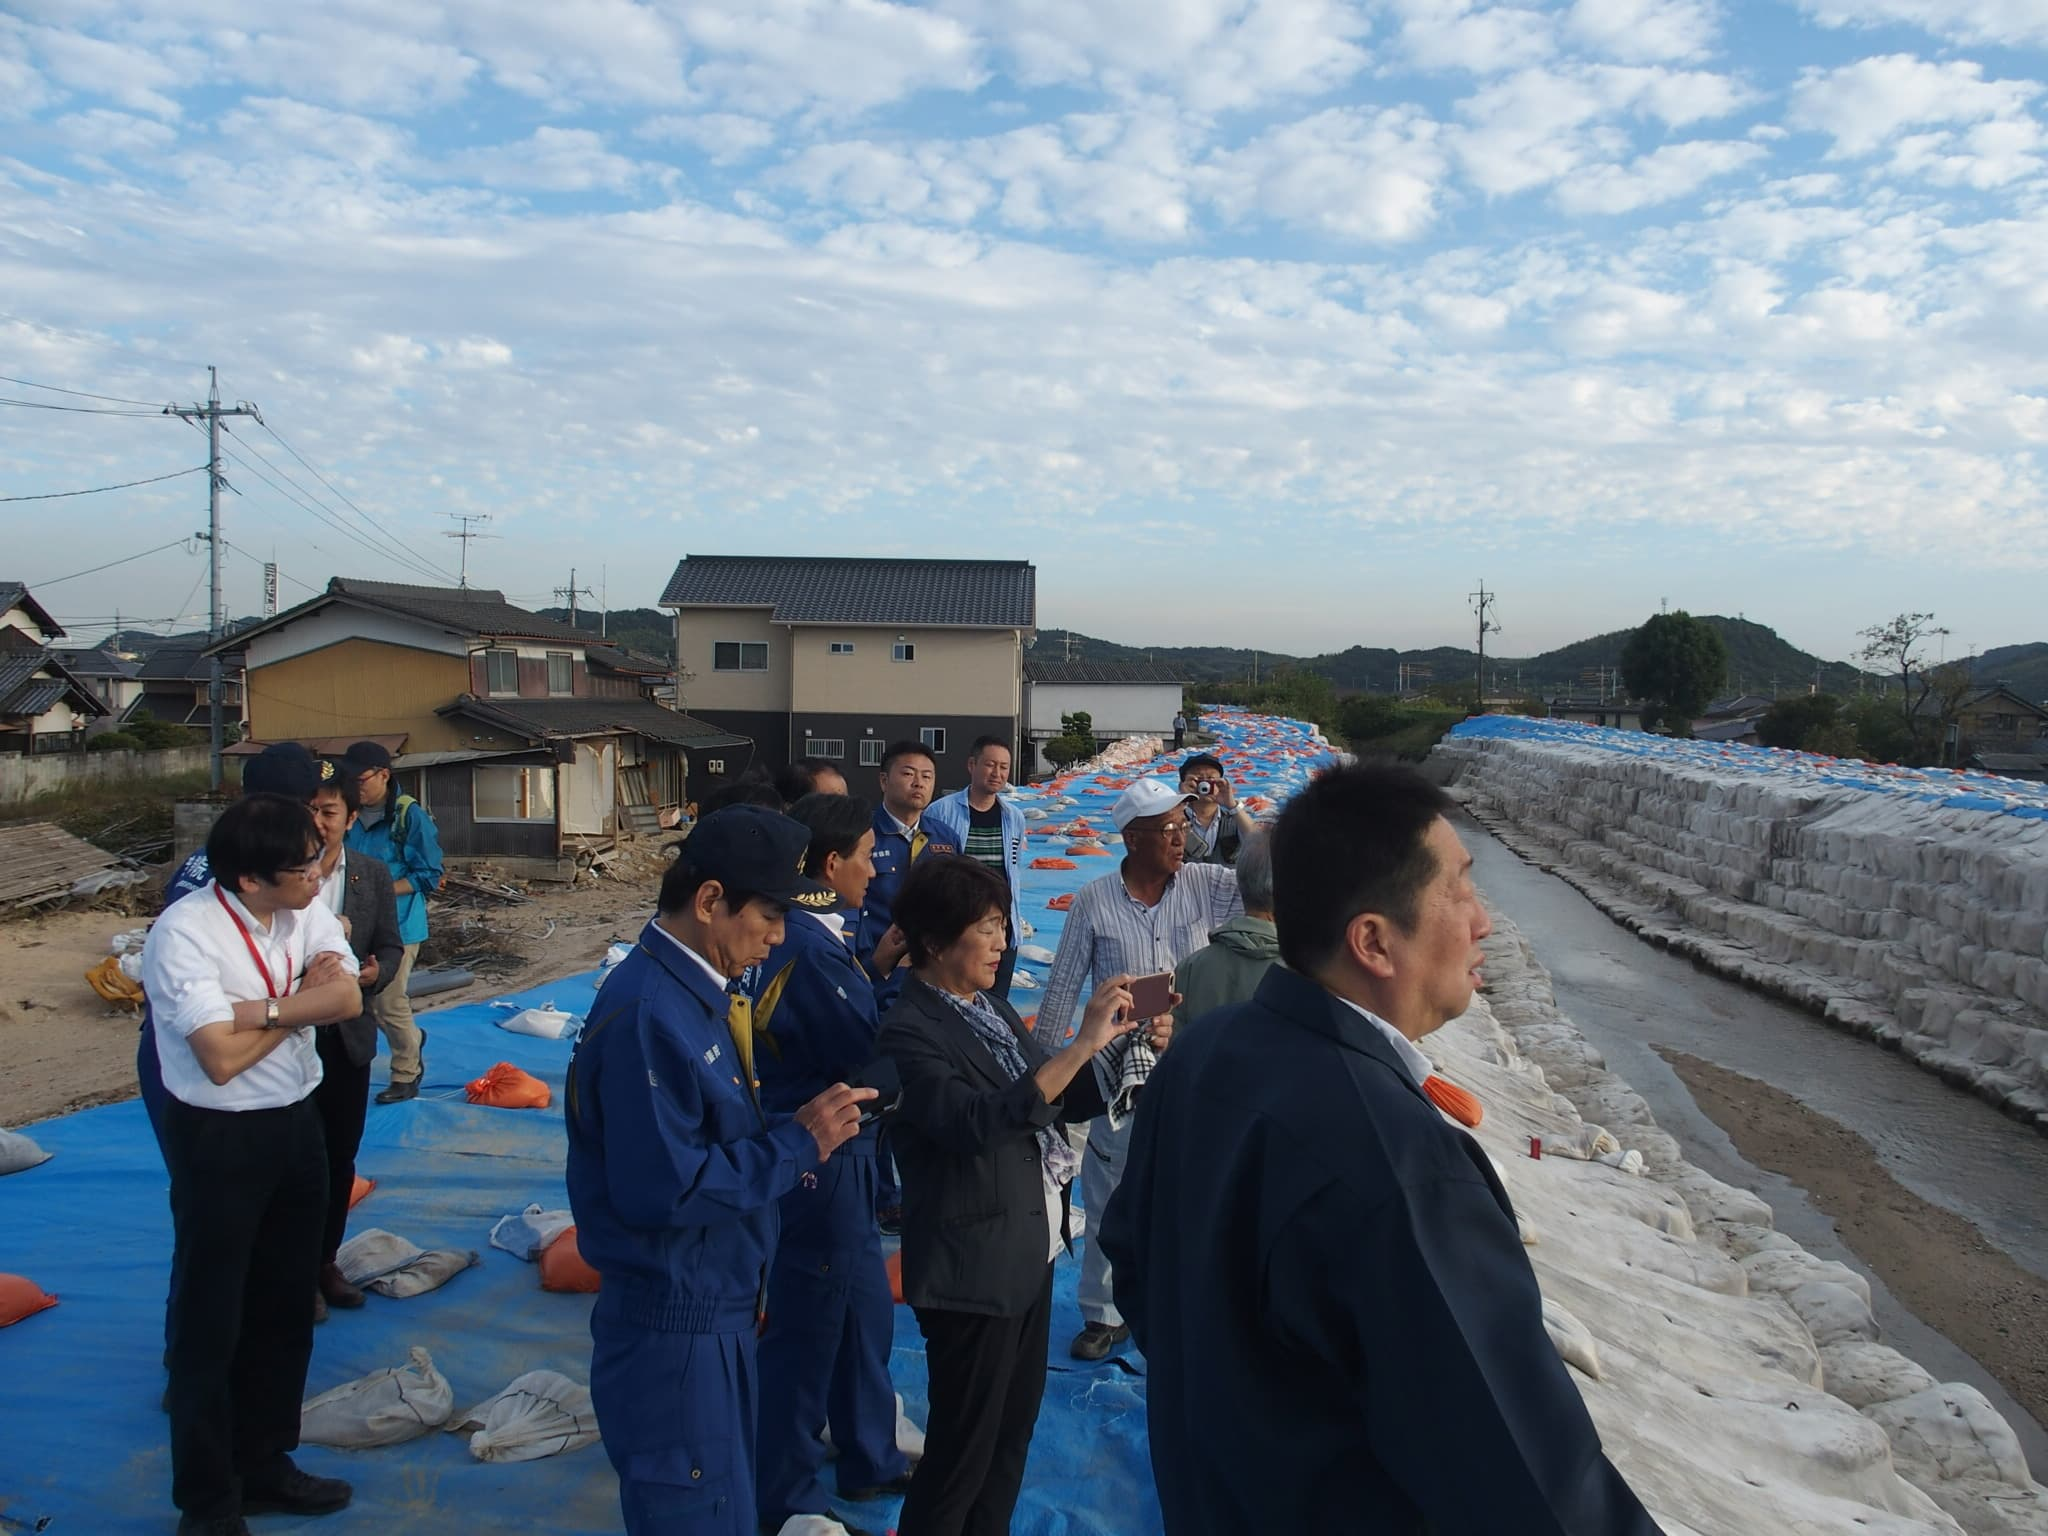 小田川の支流「末政川」の決壊現場を視察し、すぐ近くにお住いの方から決壊した瞬間の生々しいお話を伺いました。